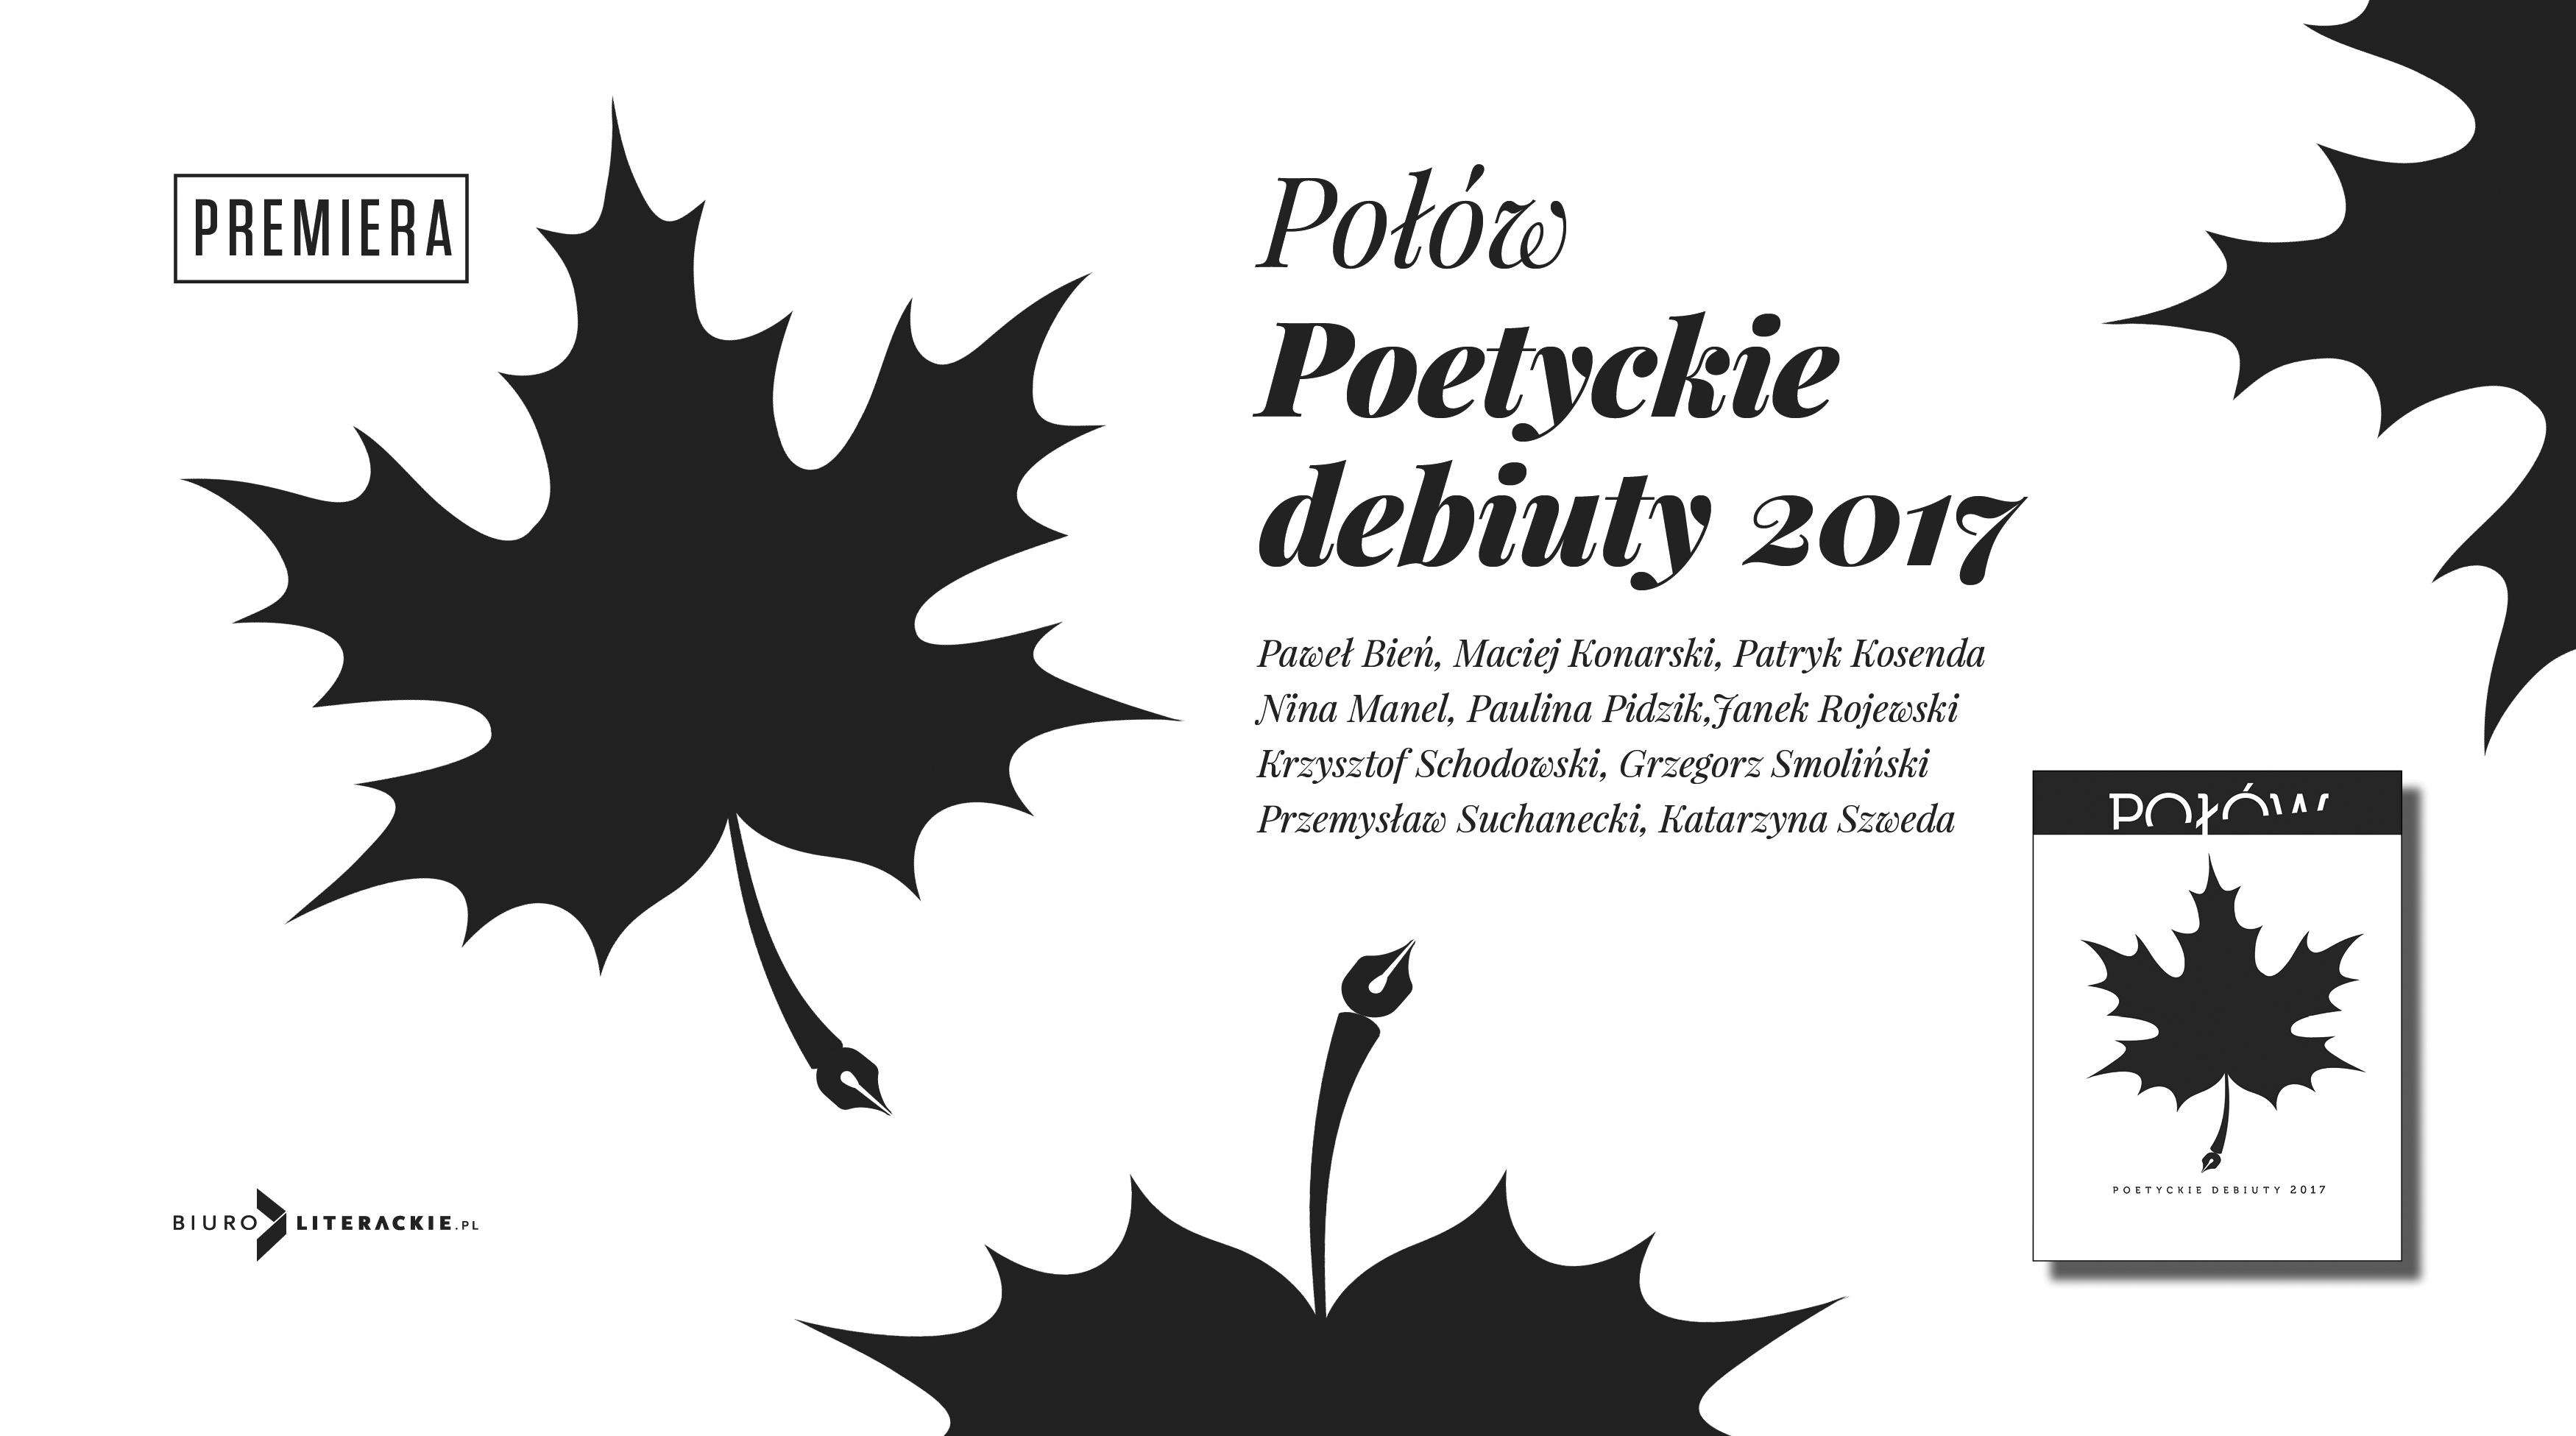 BL Info 2018.08.13 Różni AUTORZY _Połów. Poetyckie debiuty 2017__www_top